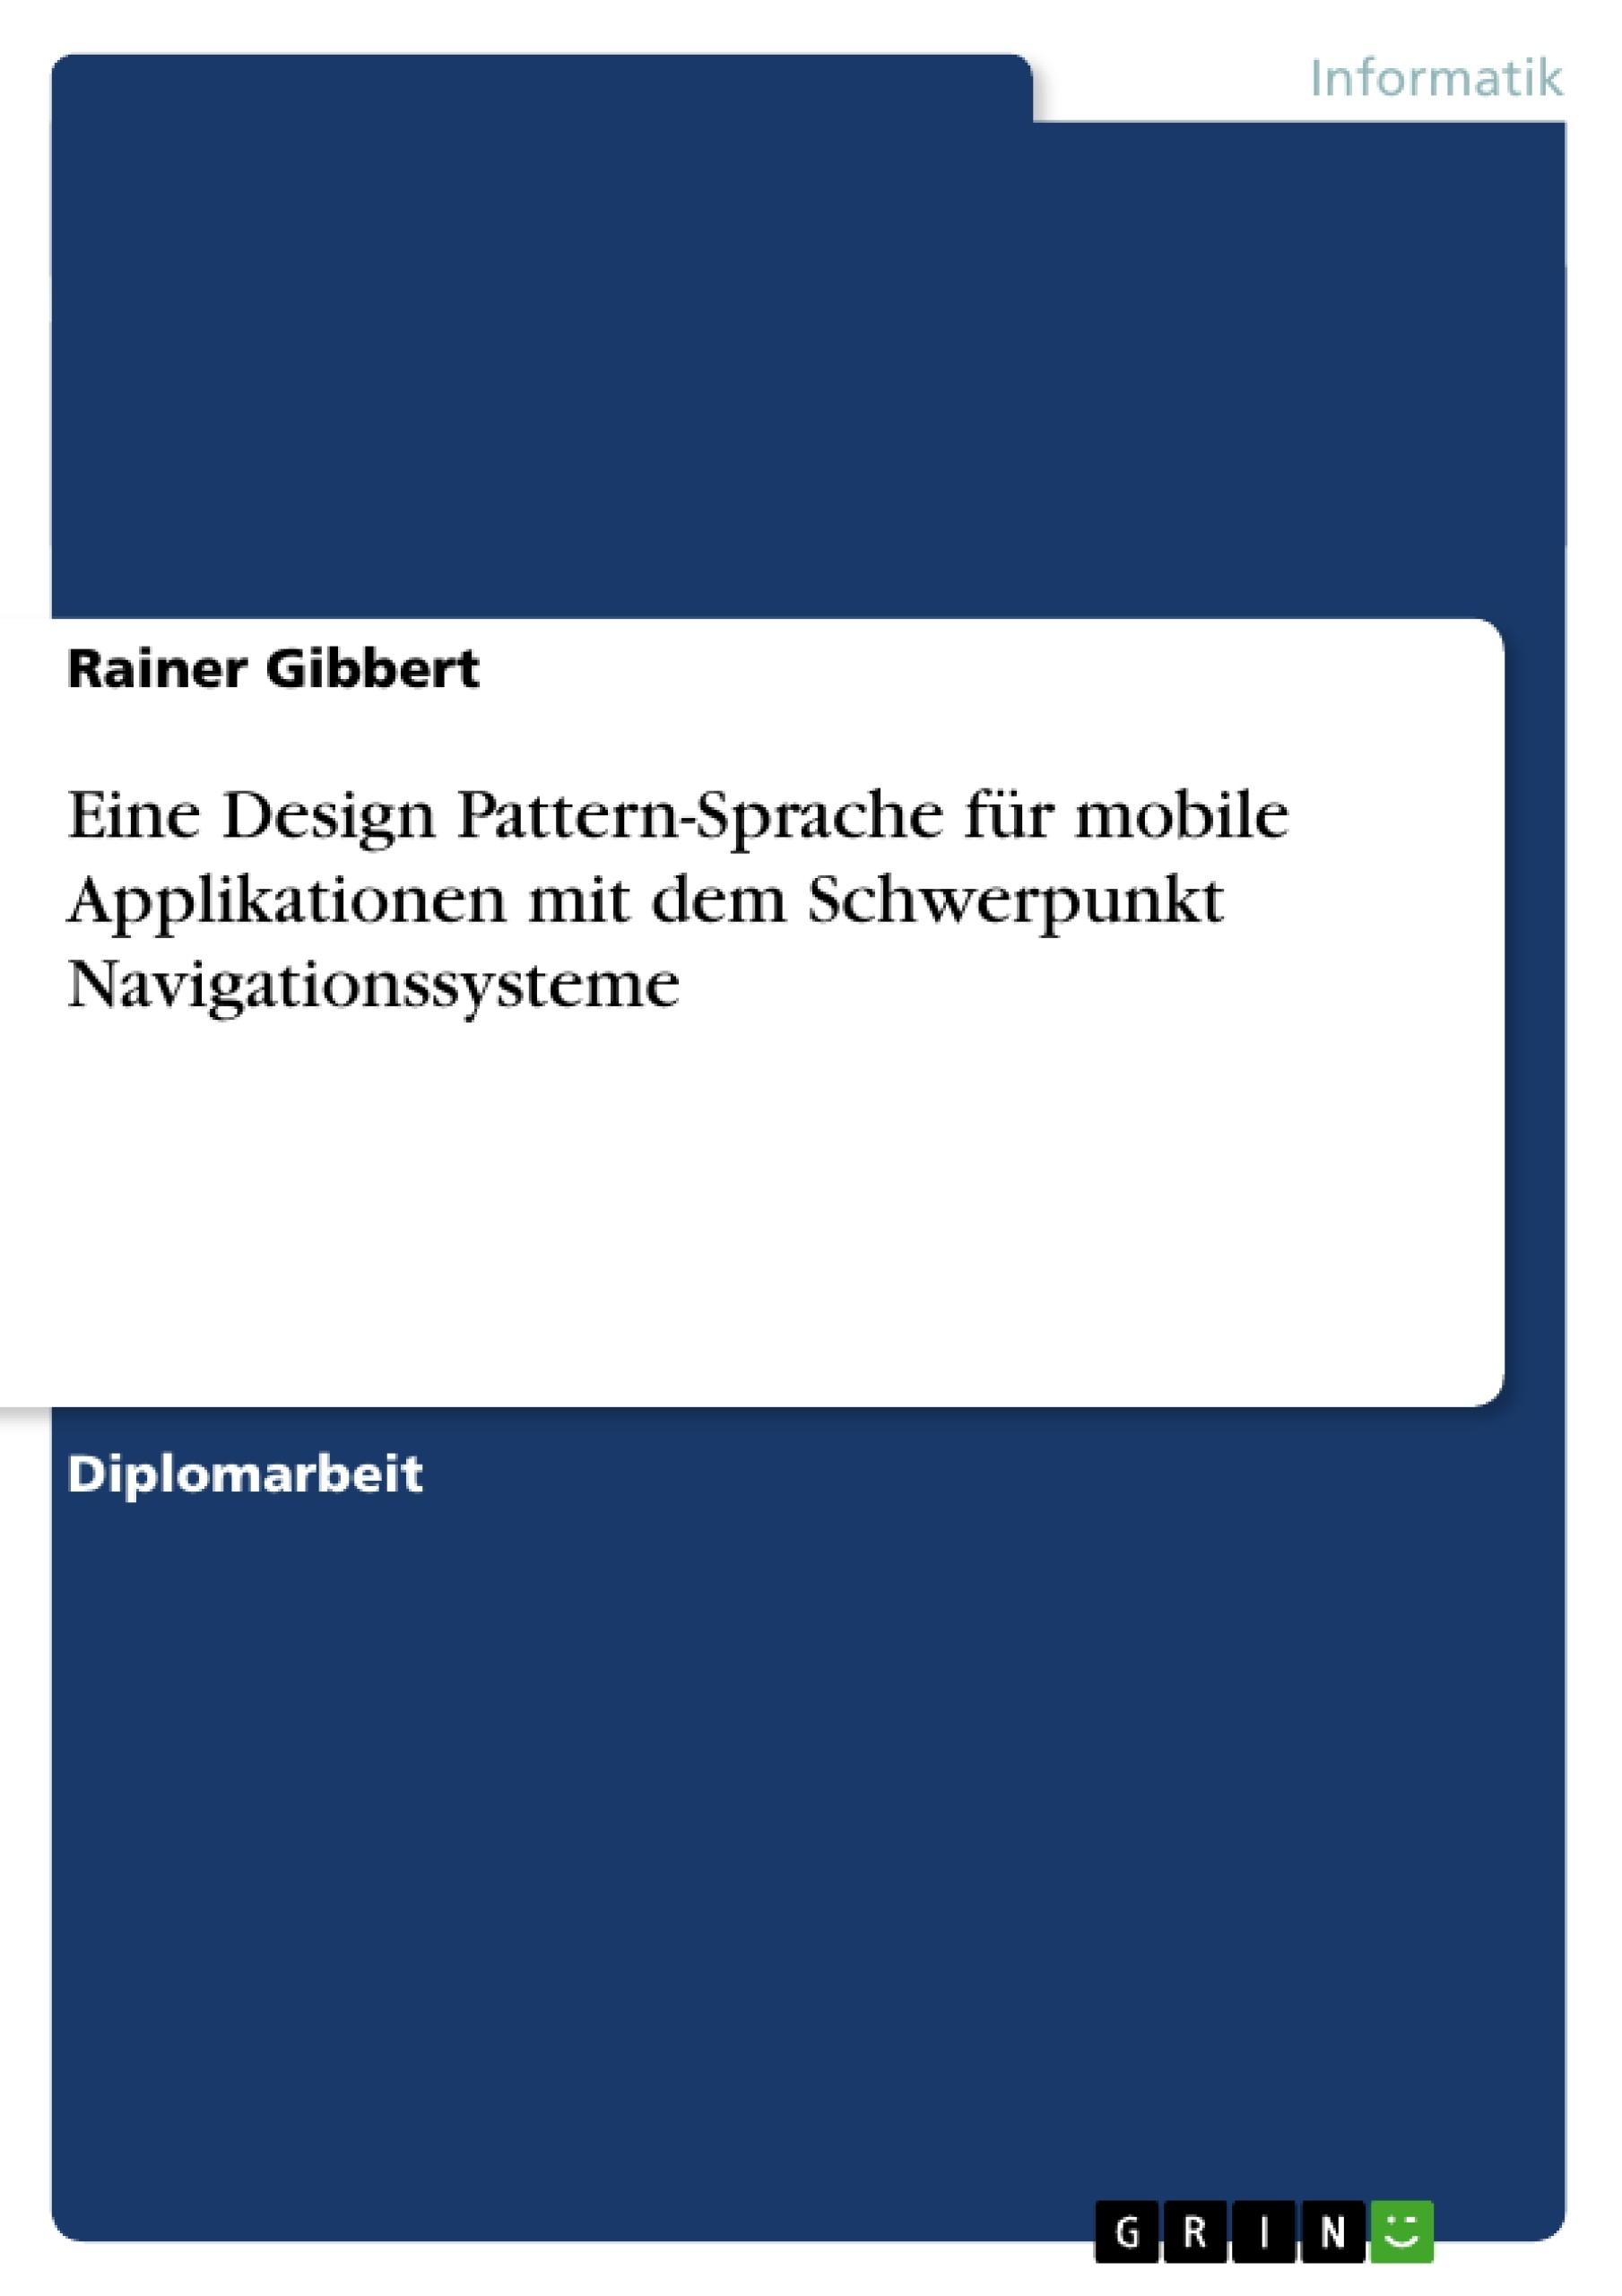 Titel: Eine Design Pattern-Sprache für mobile Applikationen mit dem Schwerpunkt Navigationssysteme